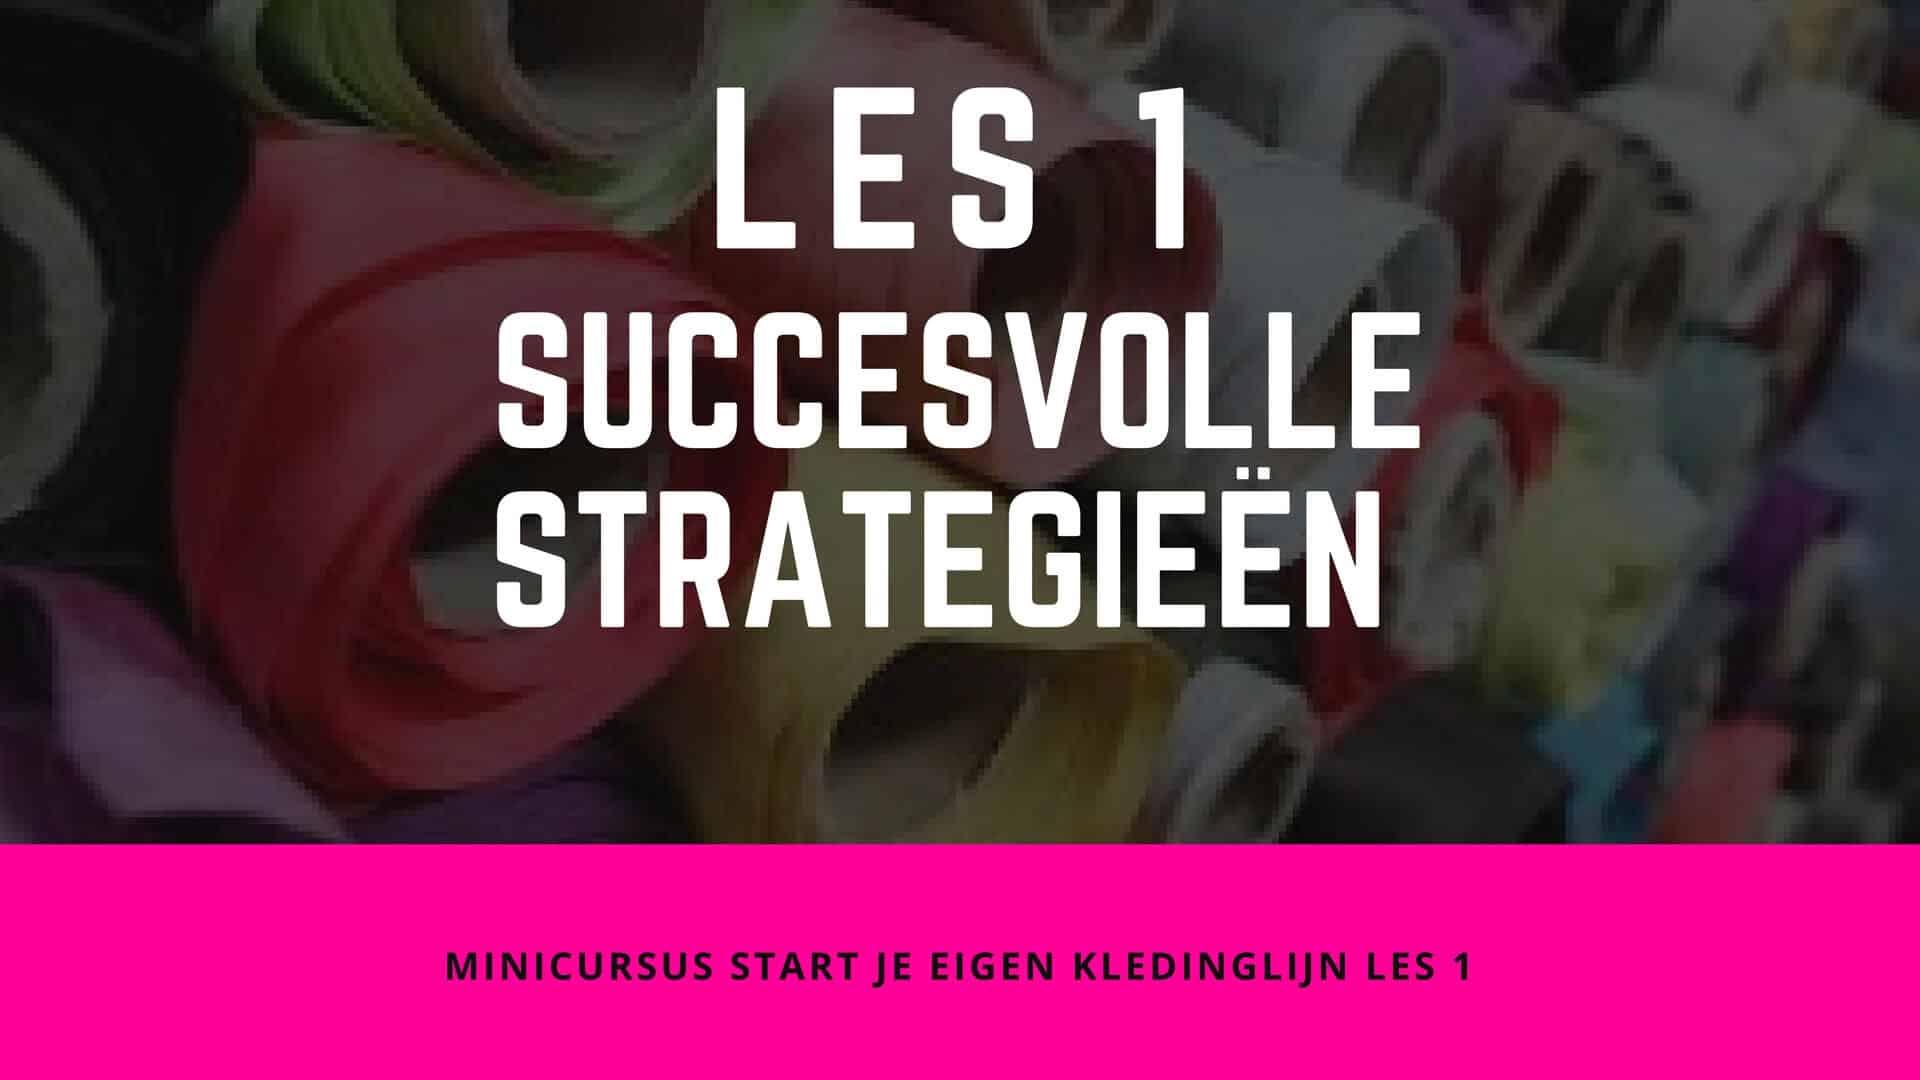 Succesvolle Strategieën